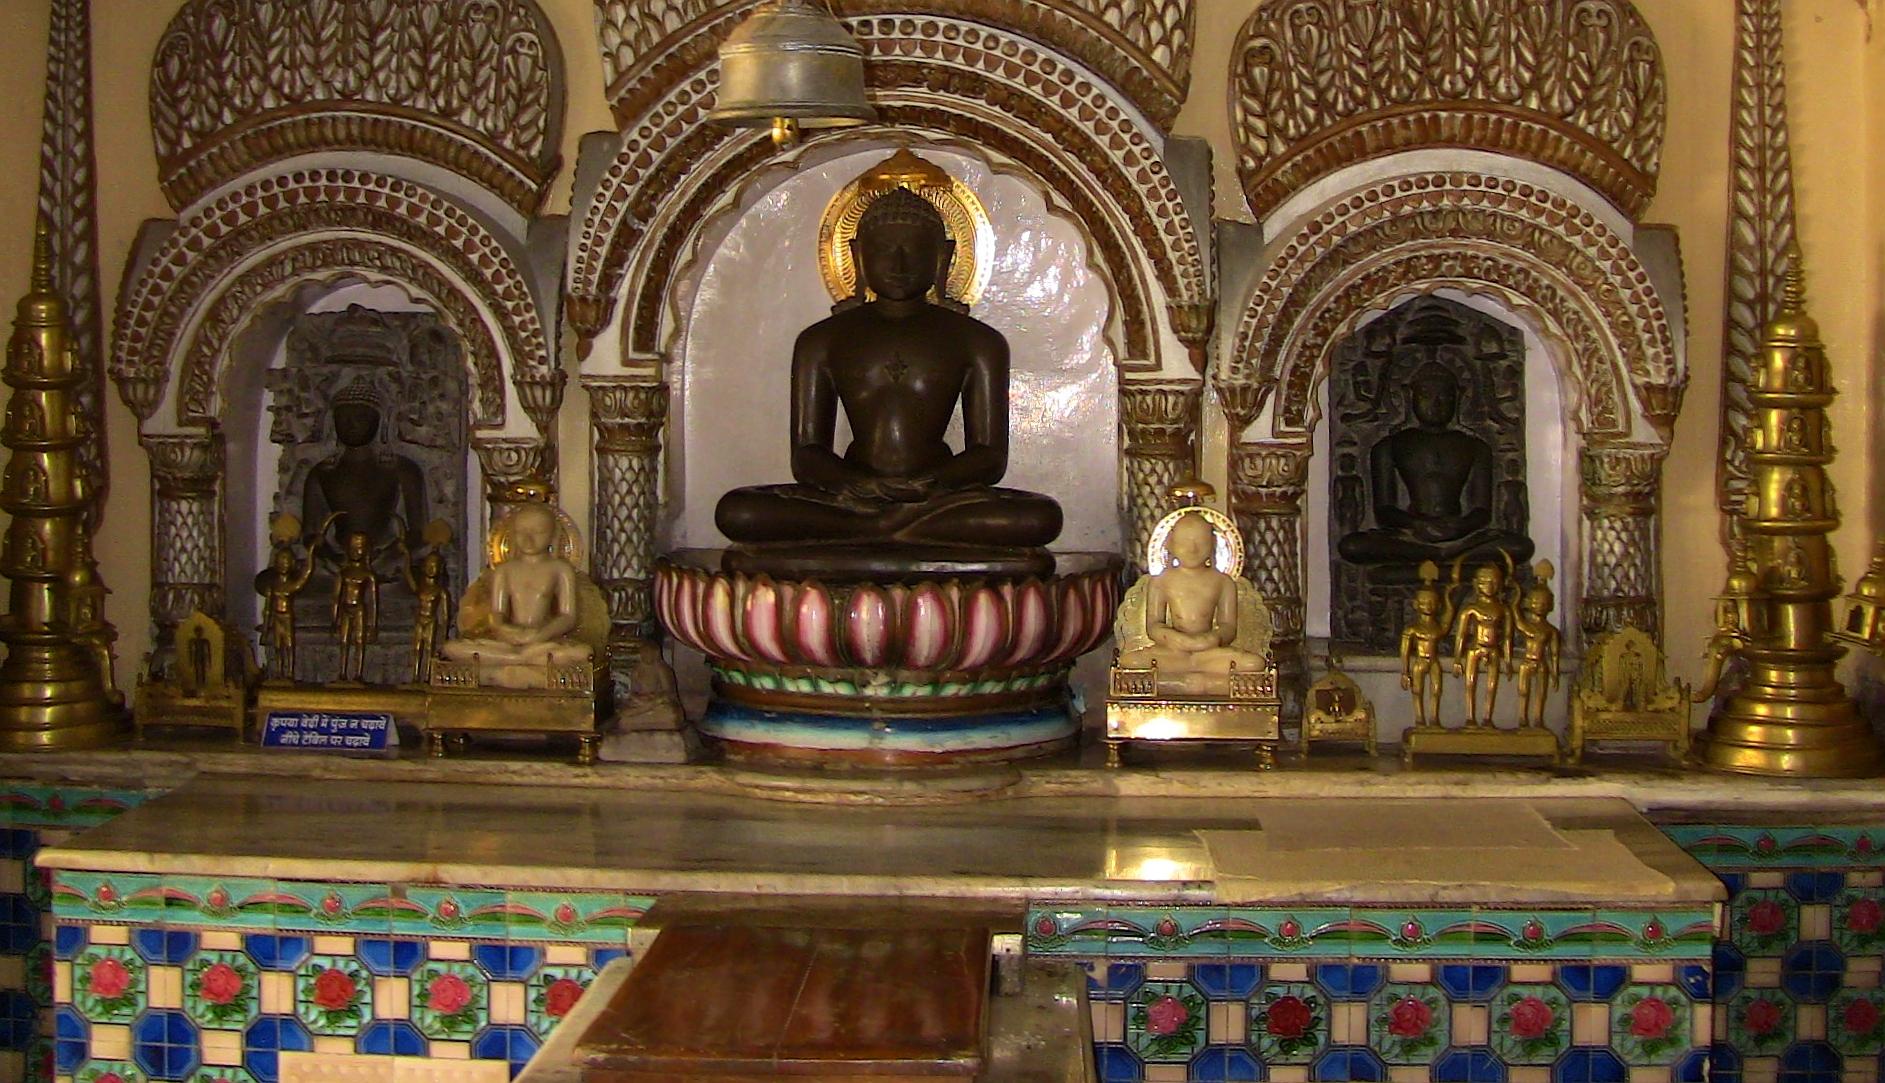 Hanumantal Bada Jain Mandir